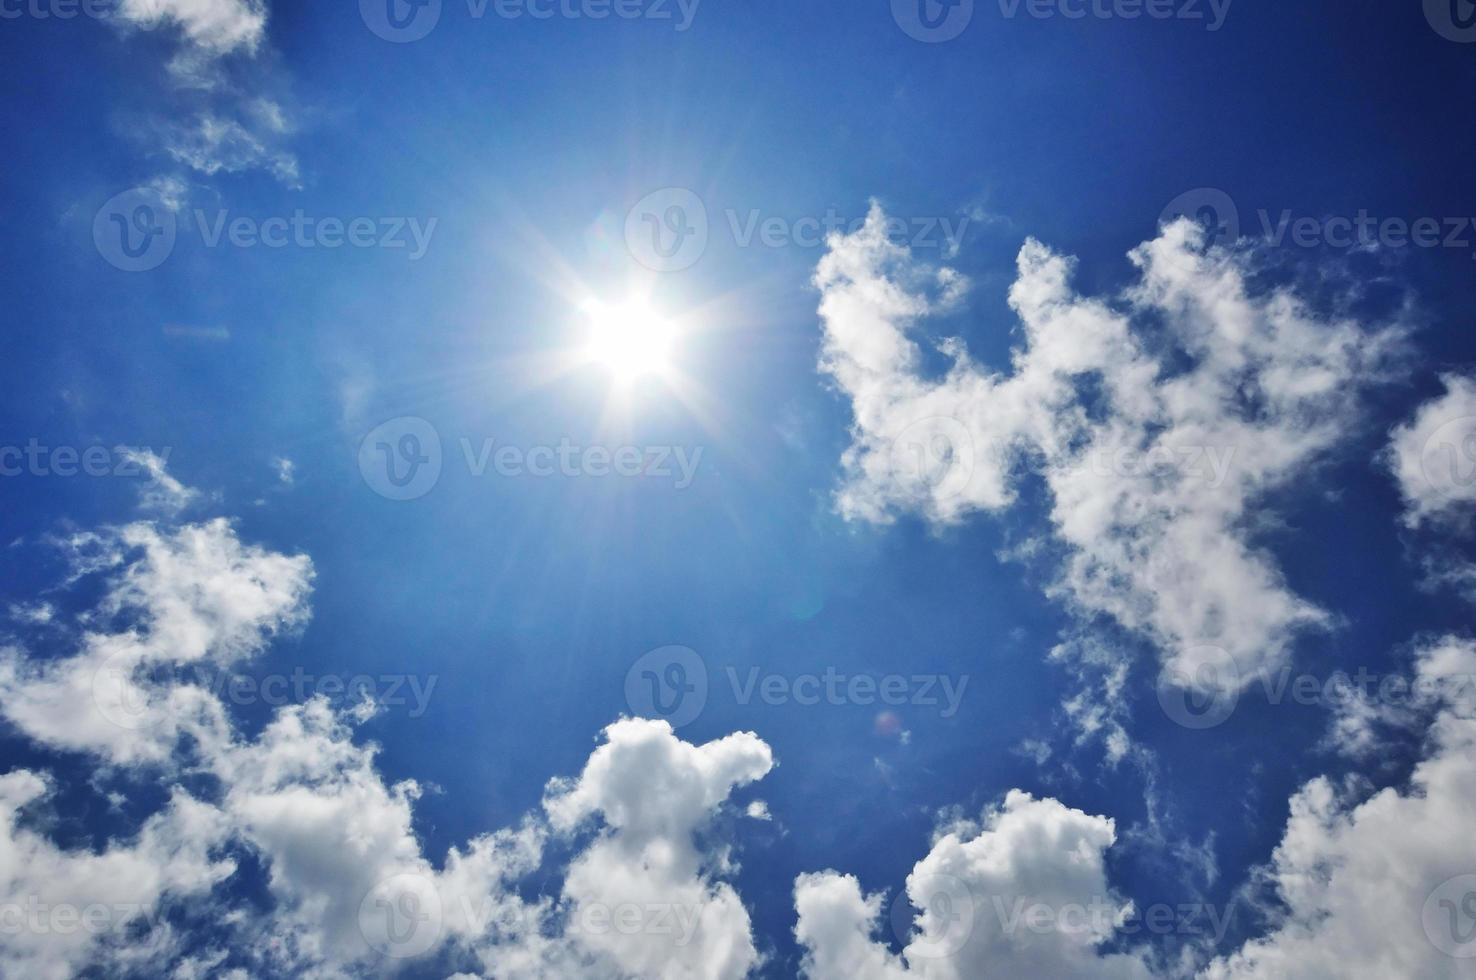 sunburst en blauwe hemelachtergrond met pluizige wolken. foto